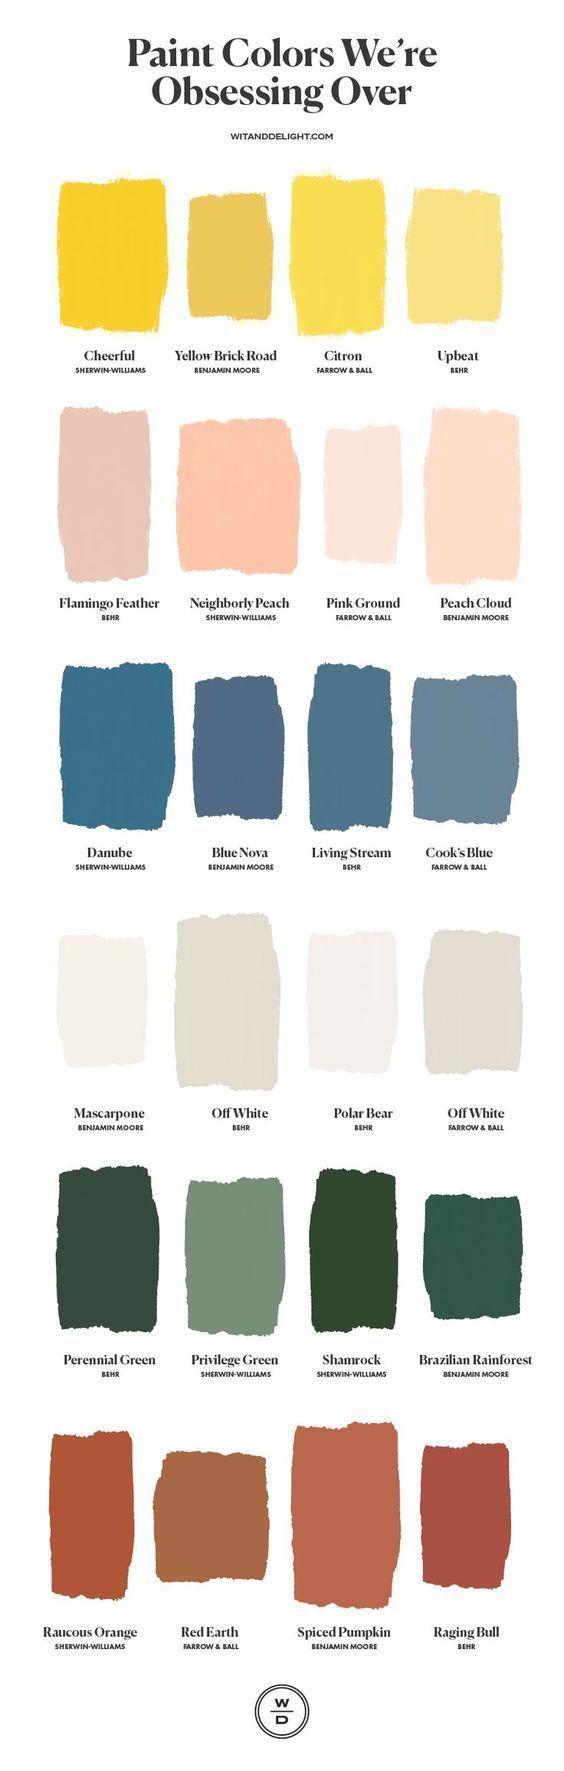 Dies sind die 6 Lackfarben, die wir vor Witz und F…